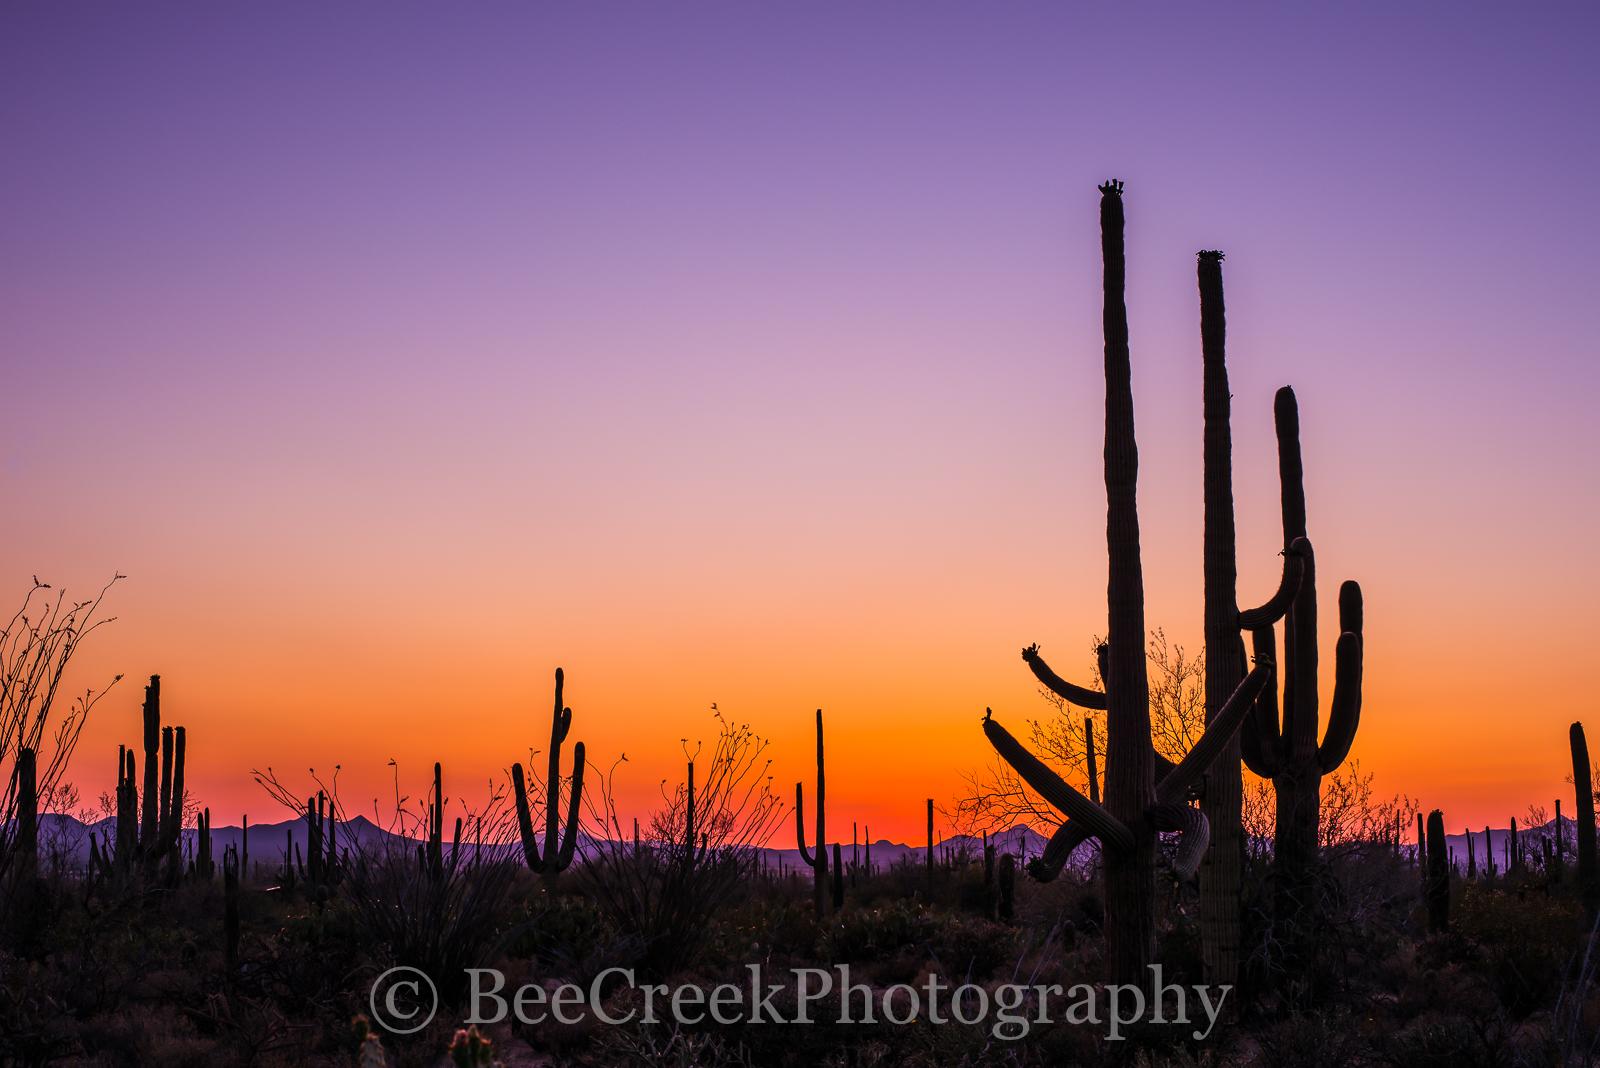 tucson saguaro cactus, sunset, landscape, landscapes, tucson cati, tucson flora, desert, images of tucson, photographs of tucson, tucson, tucson skyline, tucson, arizona photographs, saguaros, saguaro, photo